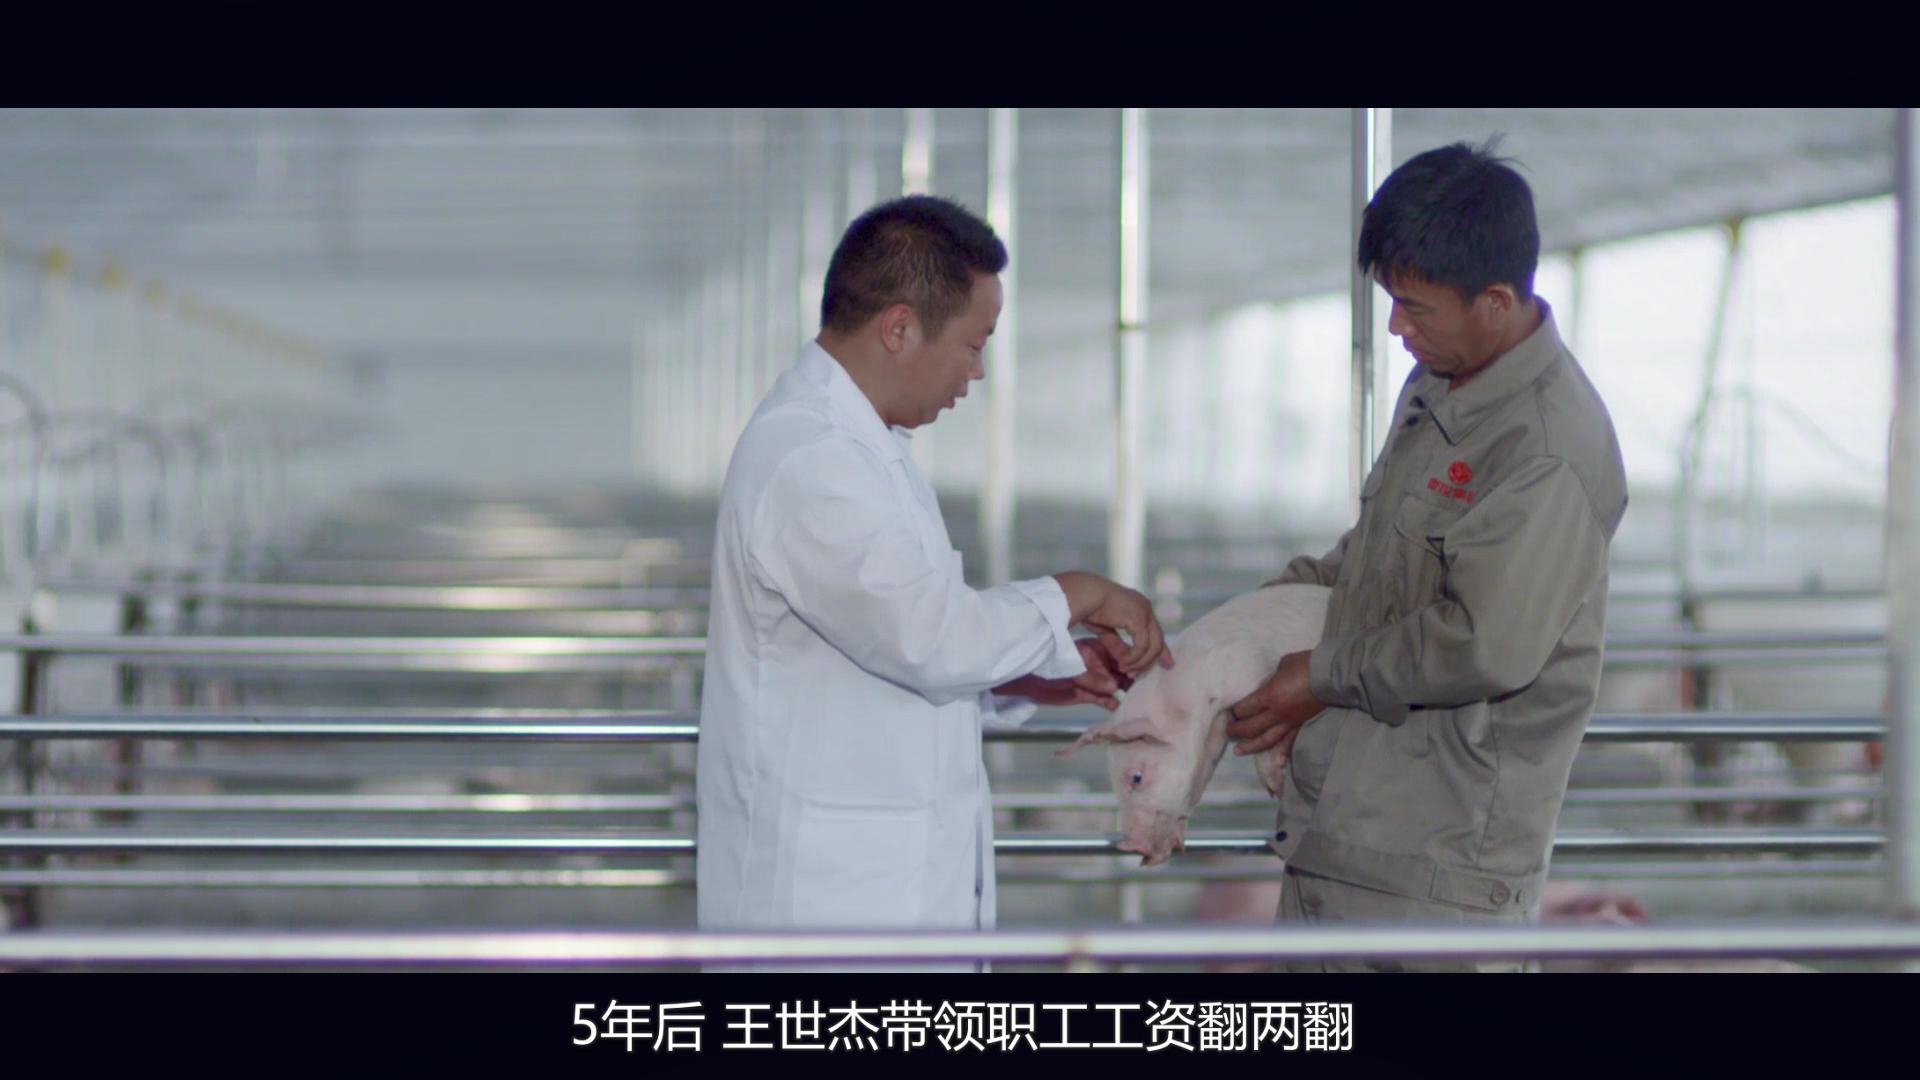 中国好人视频稿件[00_01_27][20201117-171046].png